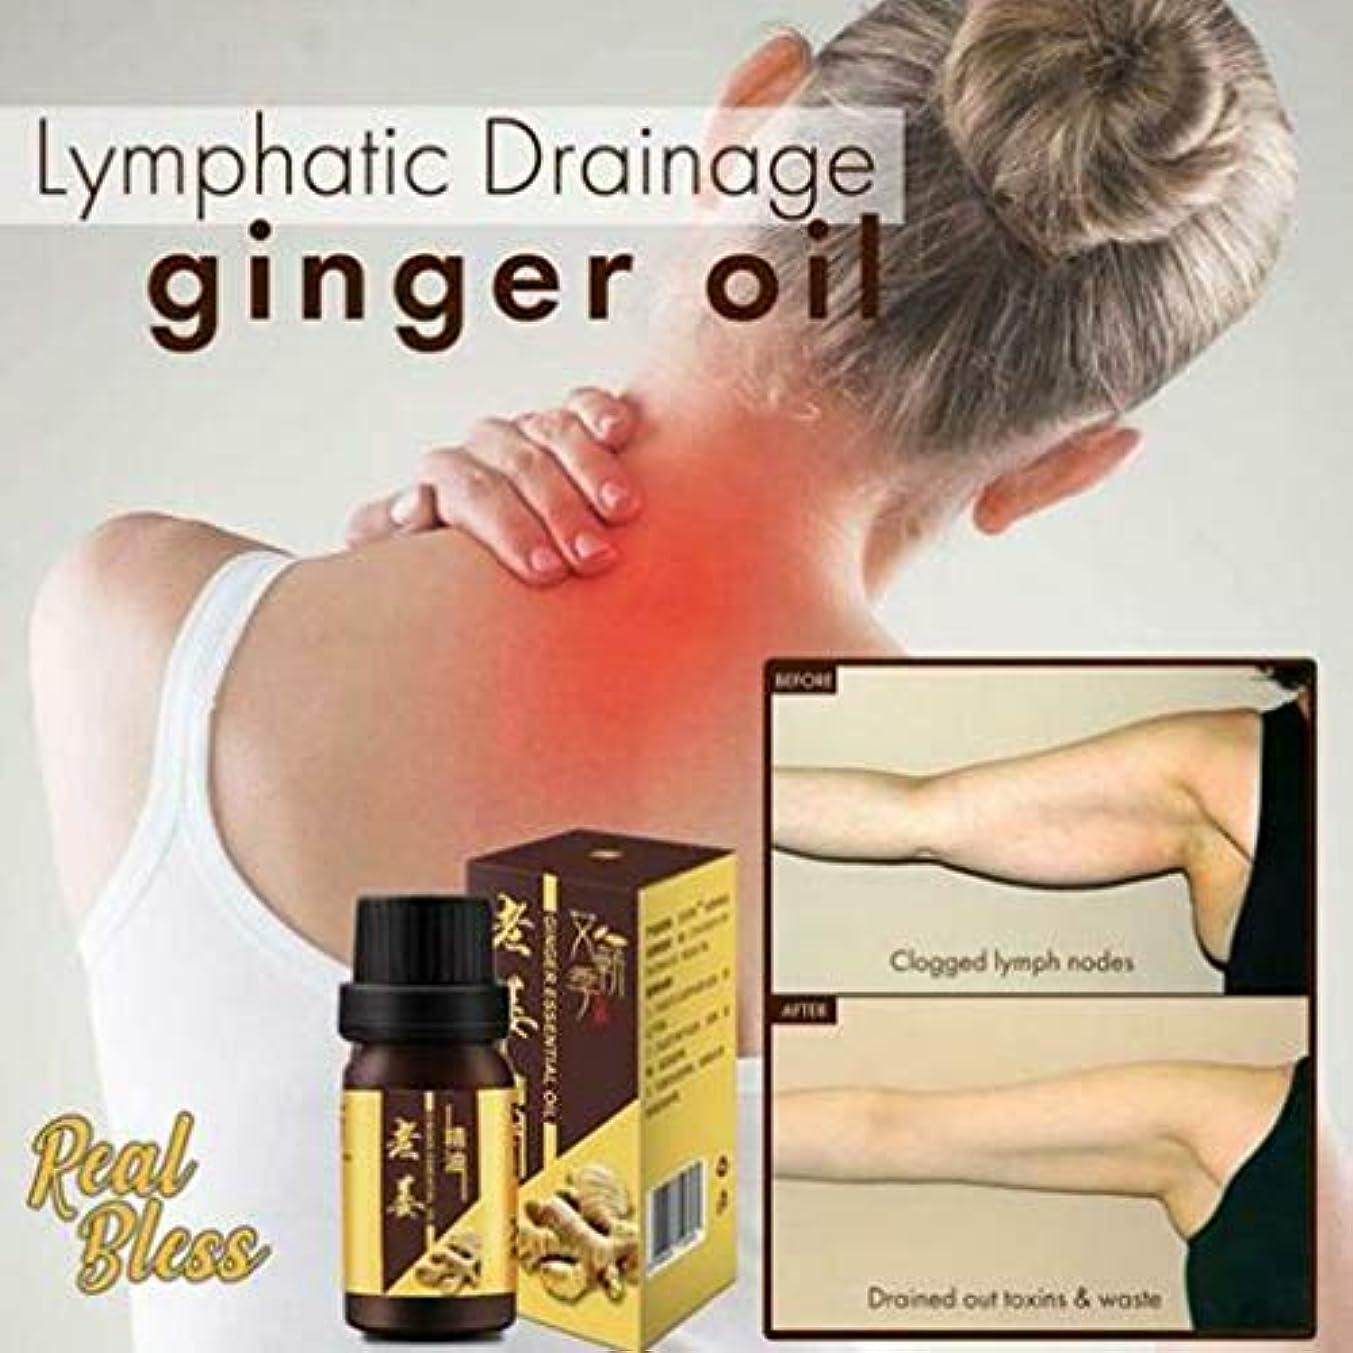 雑種影響力のある暴力的なZooArts ジンジャーエッセンシャルオイル 精油 100%ピュアナチュラル ジンジャーオイル スパマッサージオイル ジンジャーオイルオーガニック Slimming Fat Miracle Ginger Oil 10ml